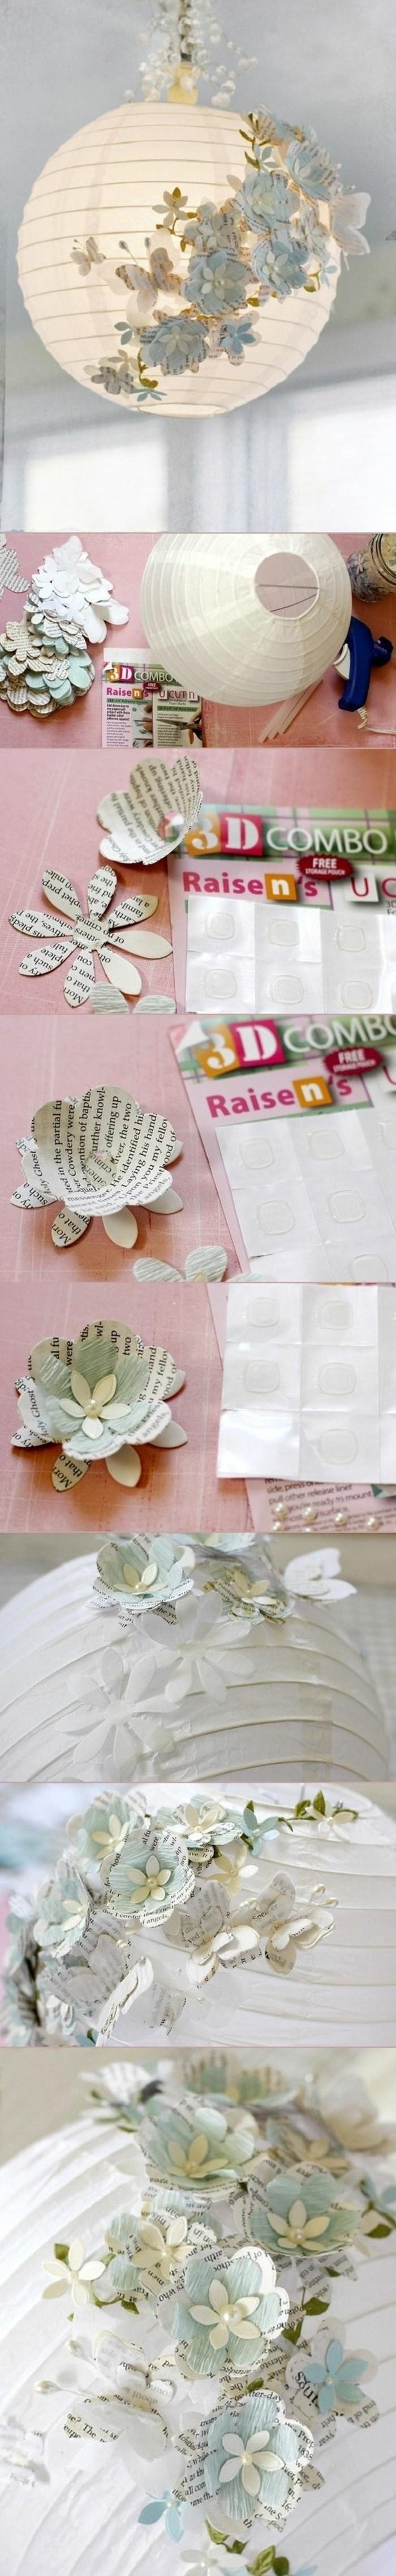 diy-moebel-kreative-wohnideen-kronleuchter-mit-blumen-aus-papier-dekorieren